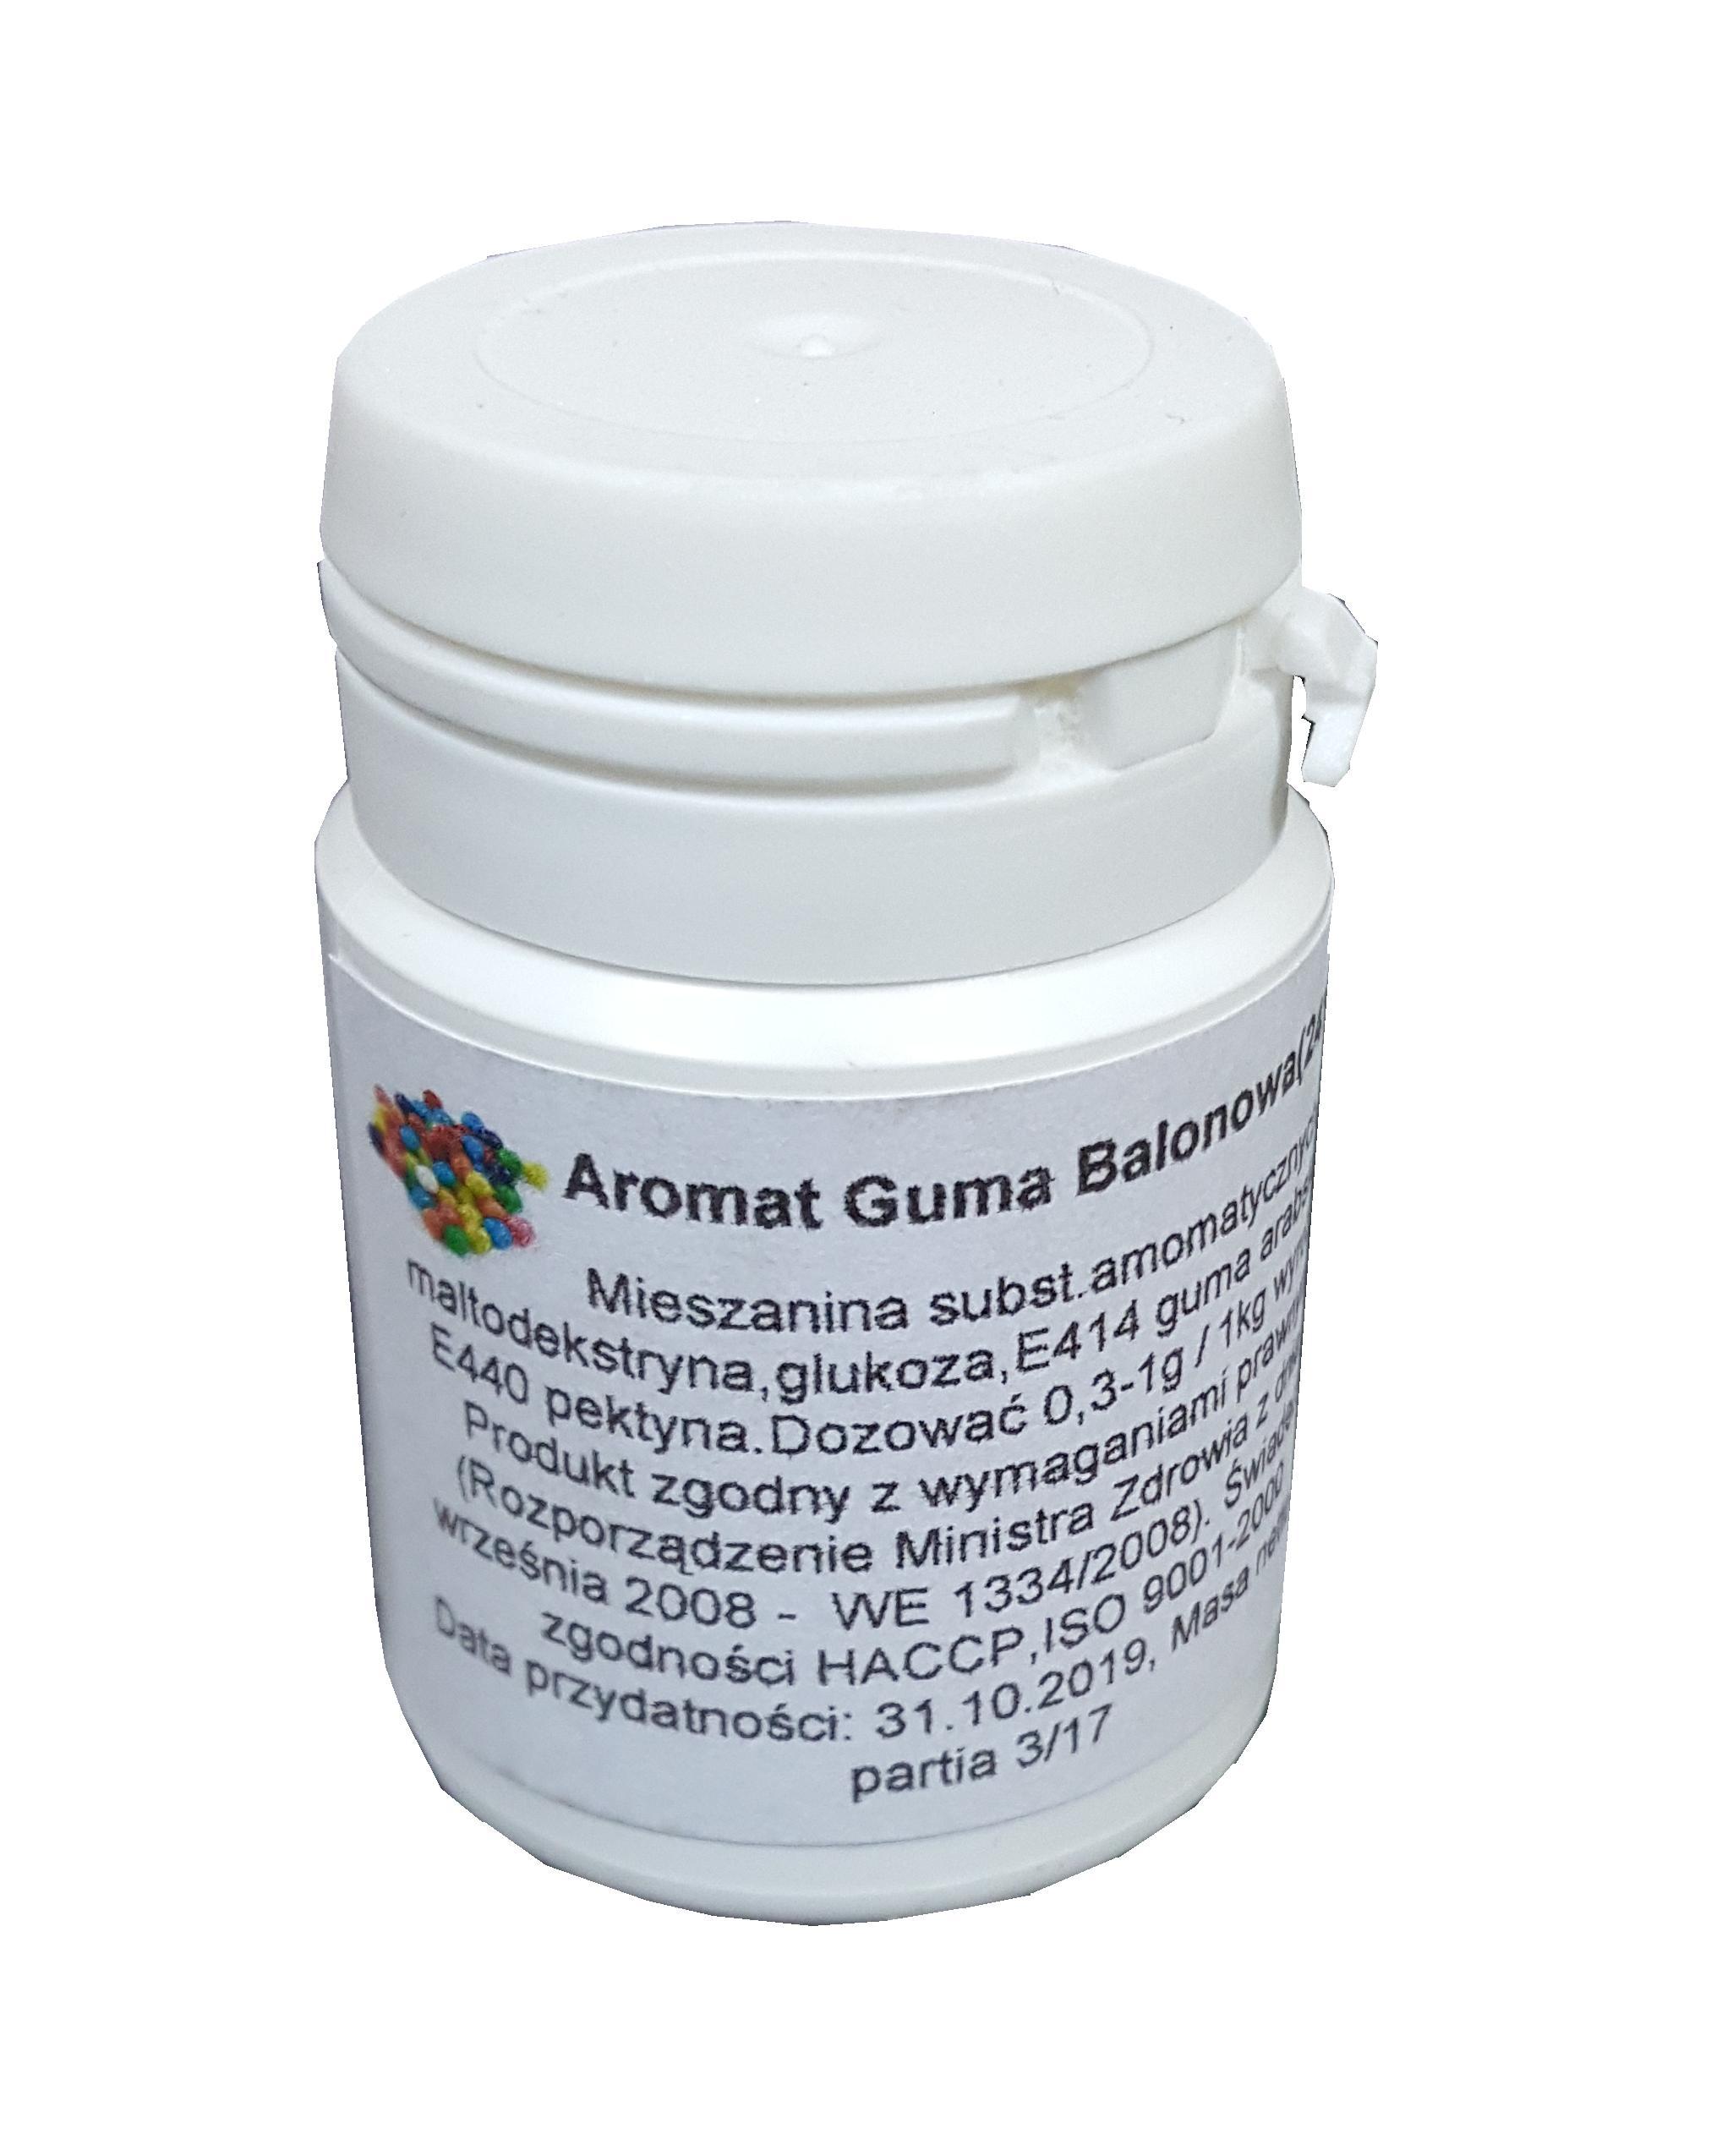 id_2414 AROMAT GUMA BALONOWA 20g TORT AROMATY